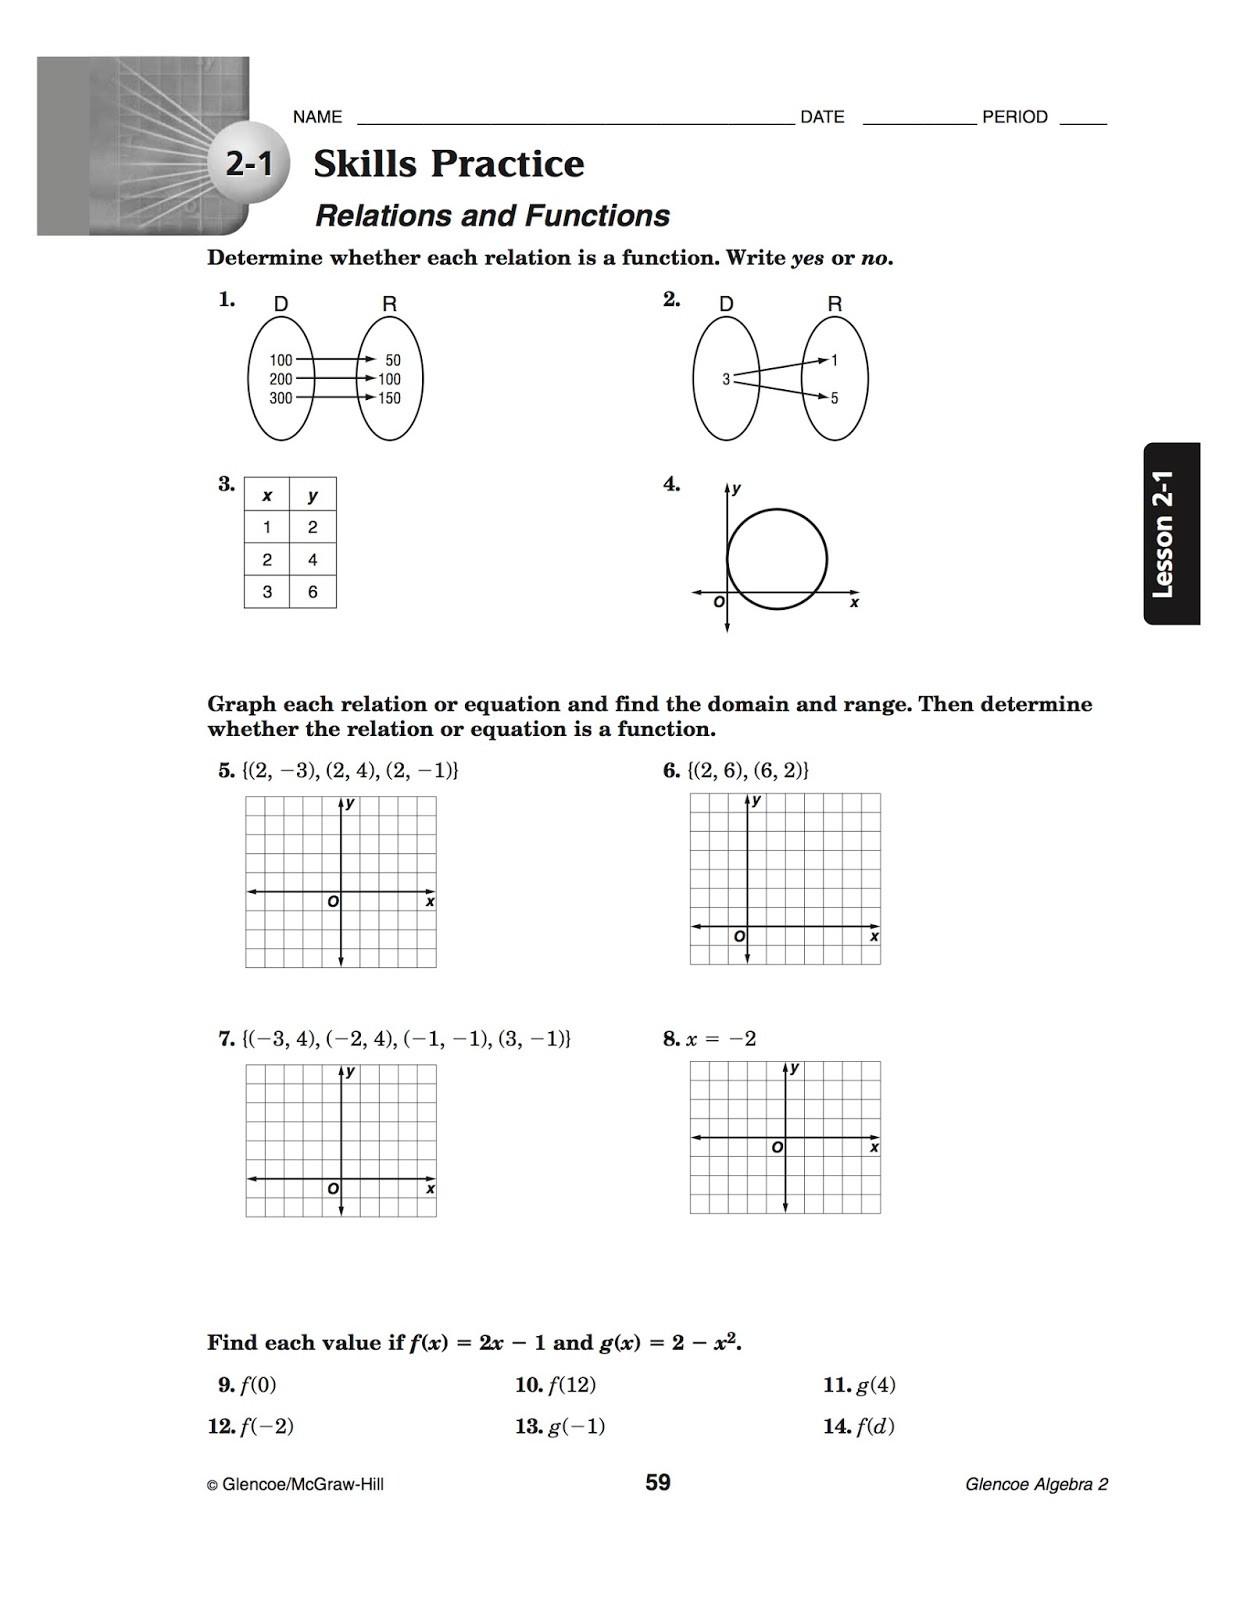 Functions and Relations Worksheet Algebra 2 Inverse Worksheet